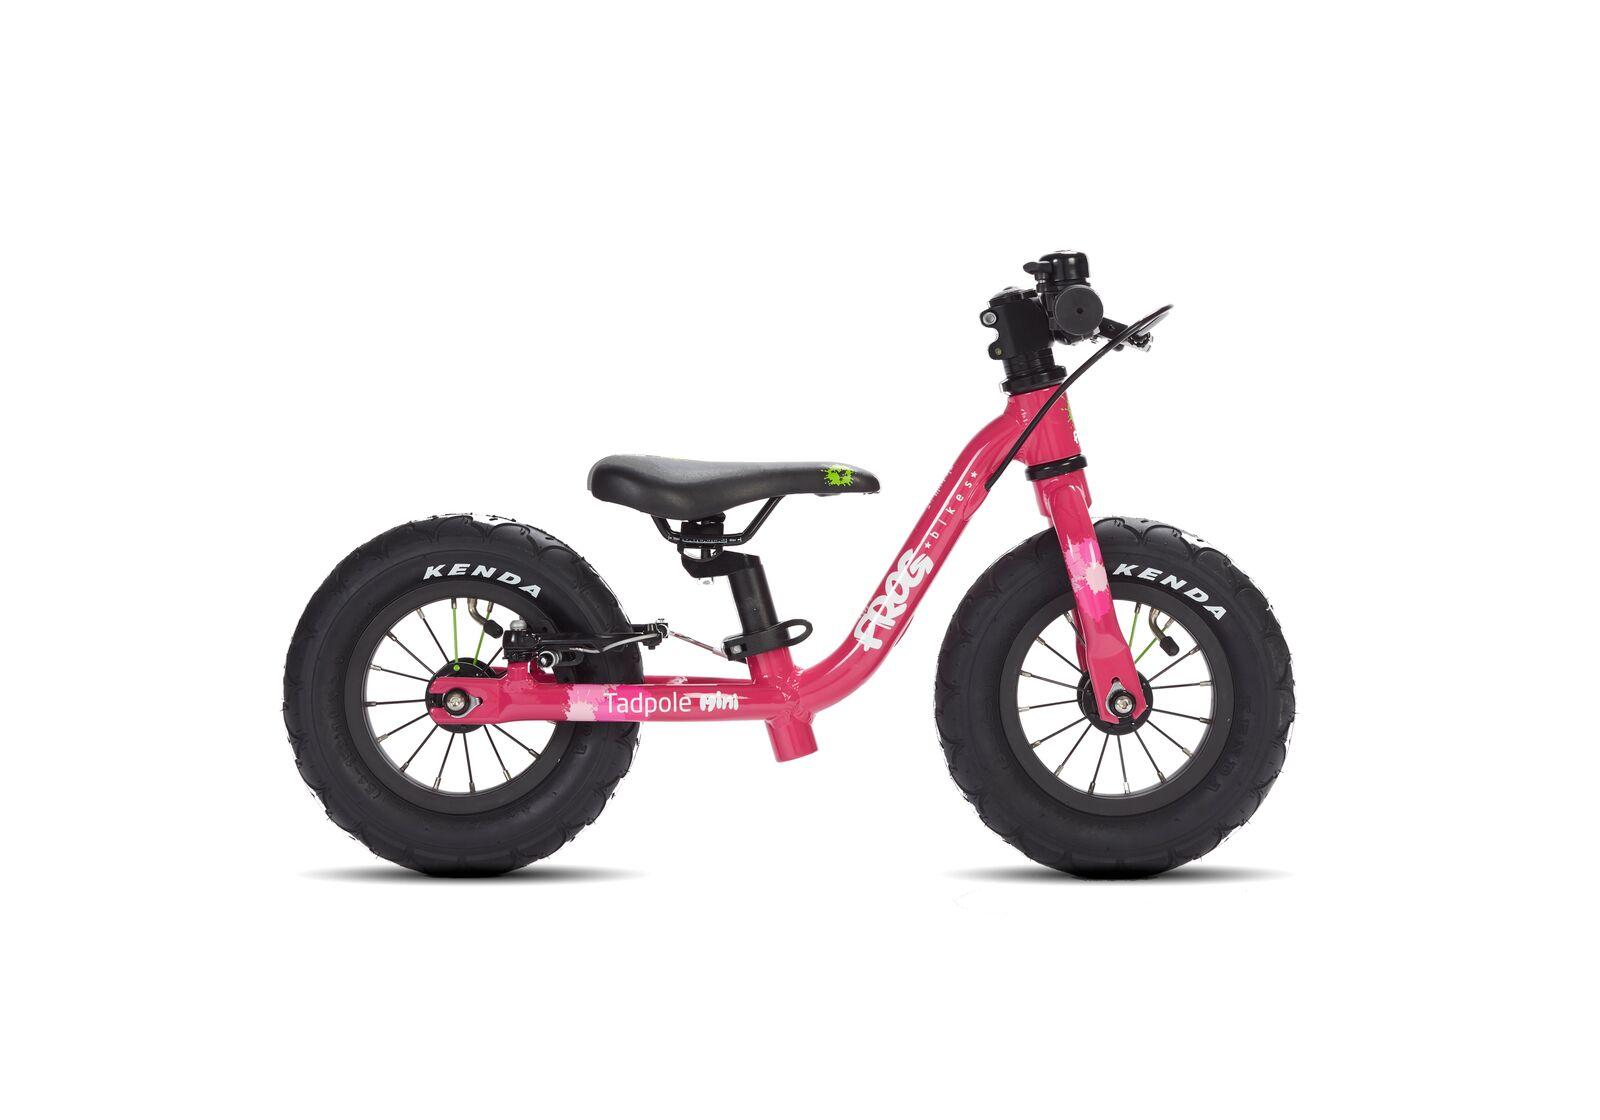 Frogbike bij Stip-kinderfietsen, magasin de vélo pour enfants, kinderfietsenwinkel, Fahrradladen für Kinder